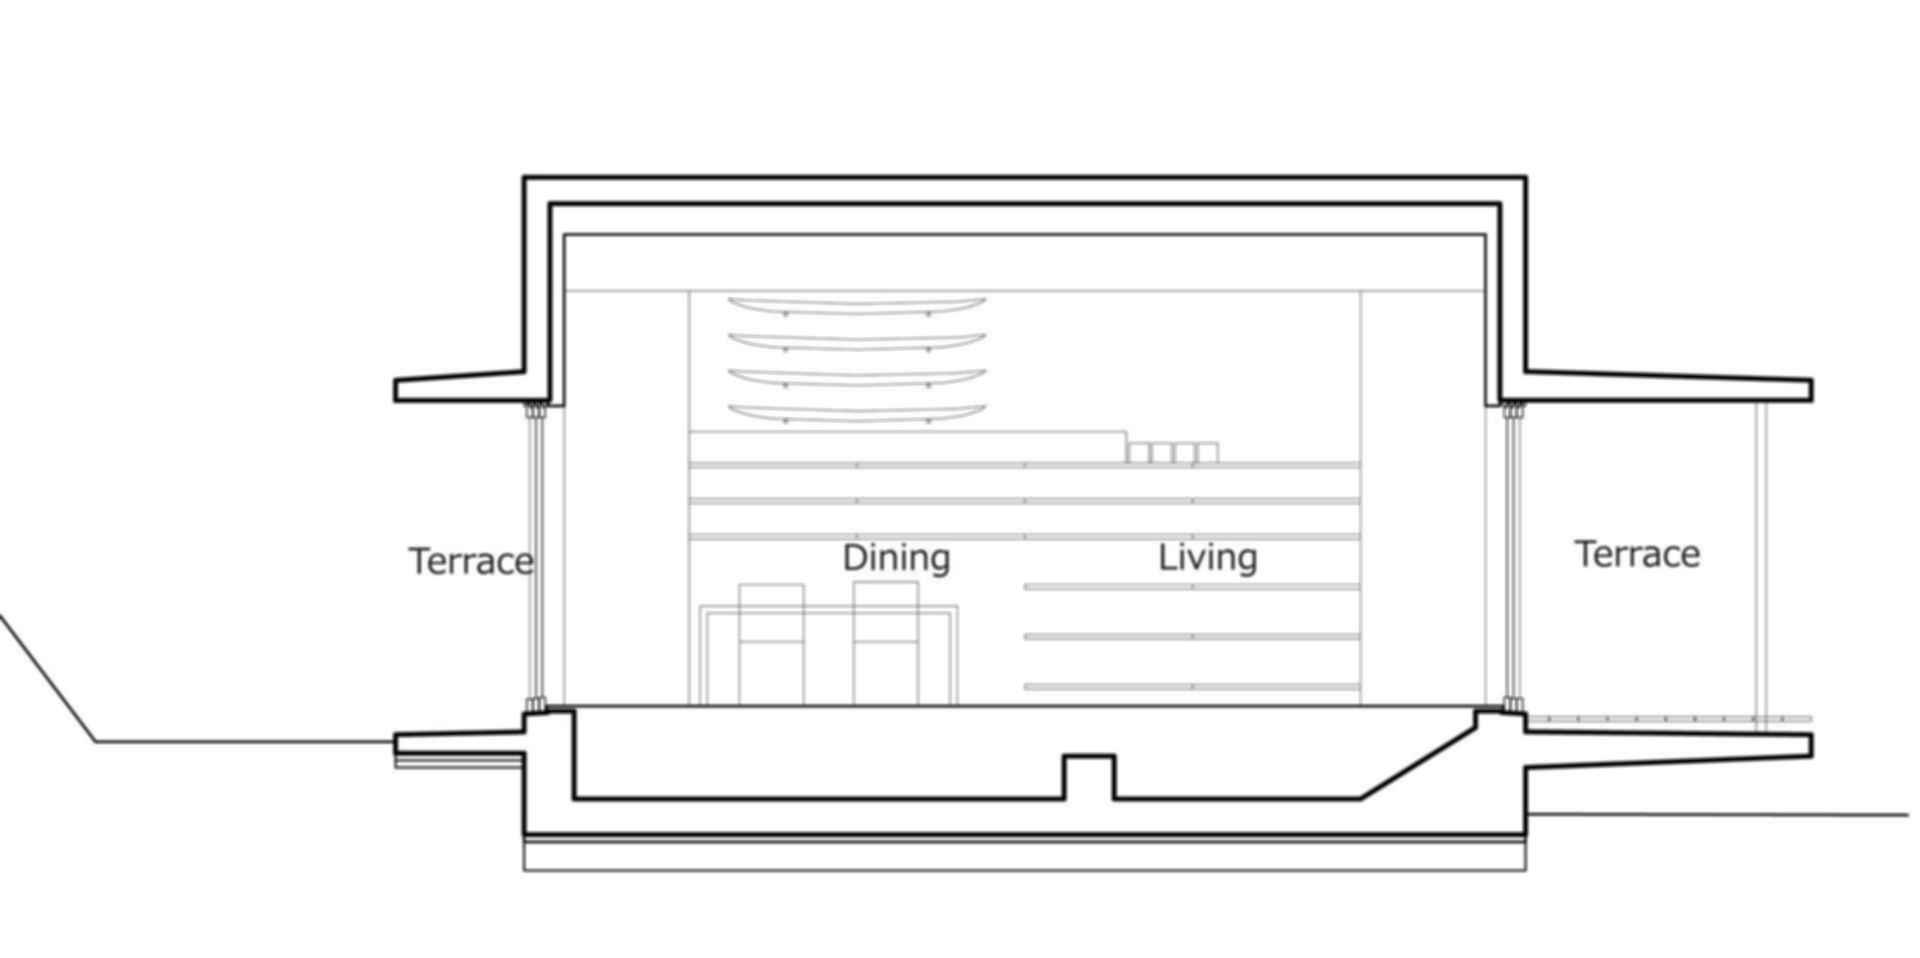 Villa 921 - Concept Design